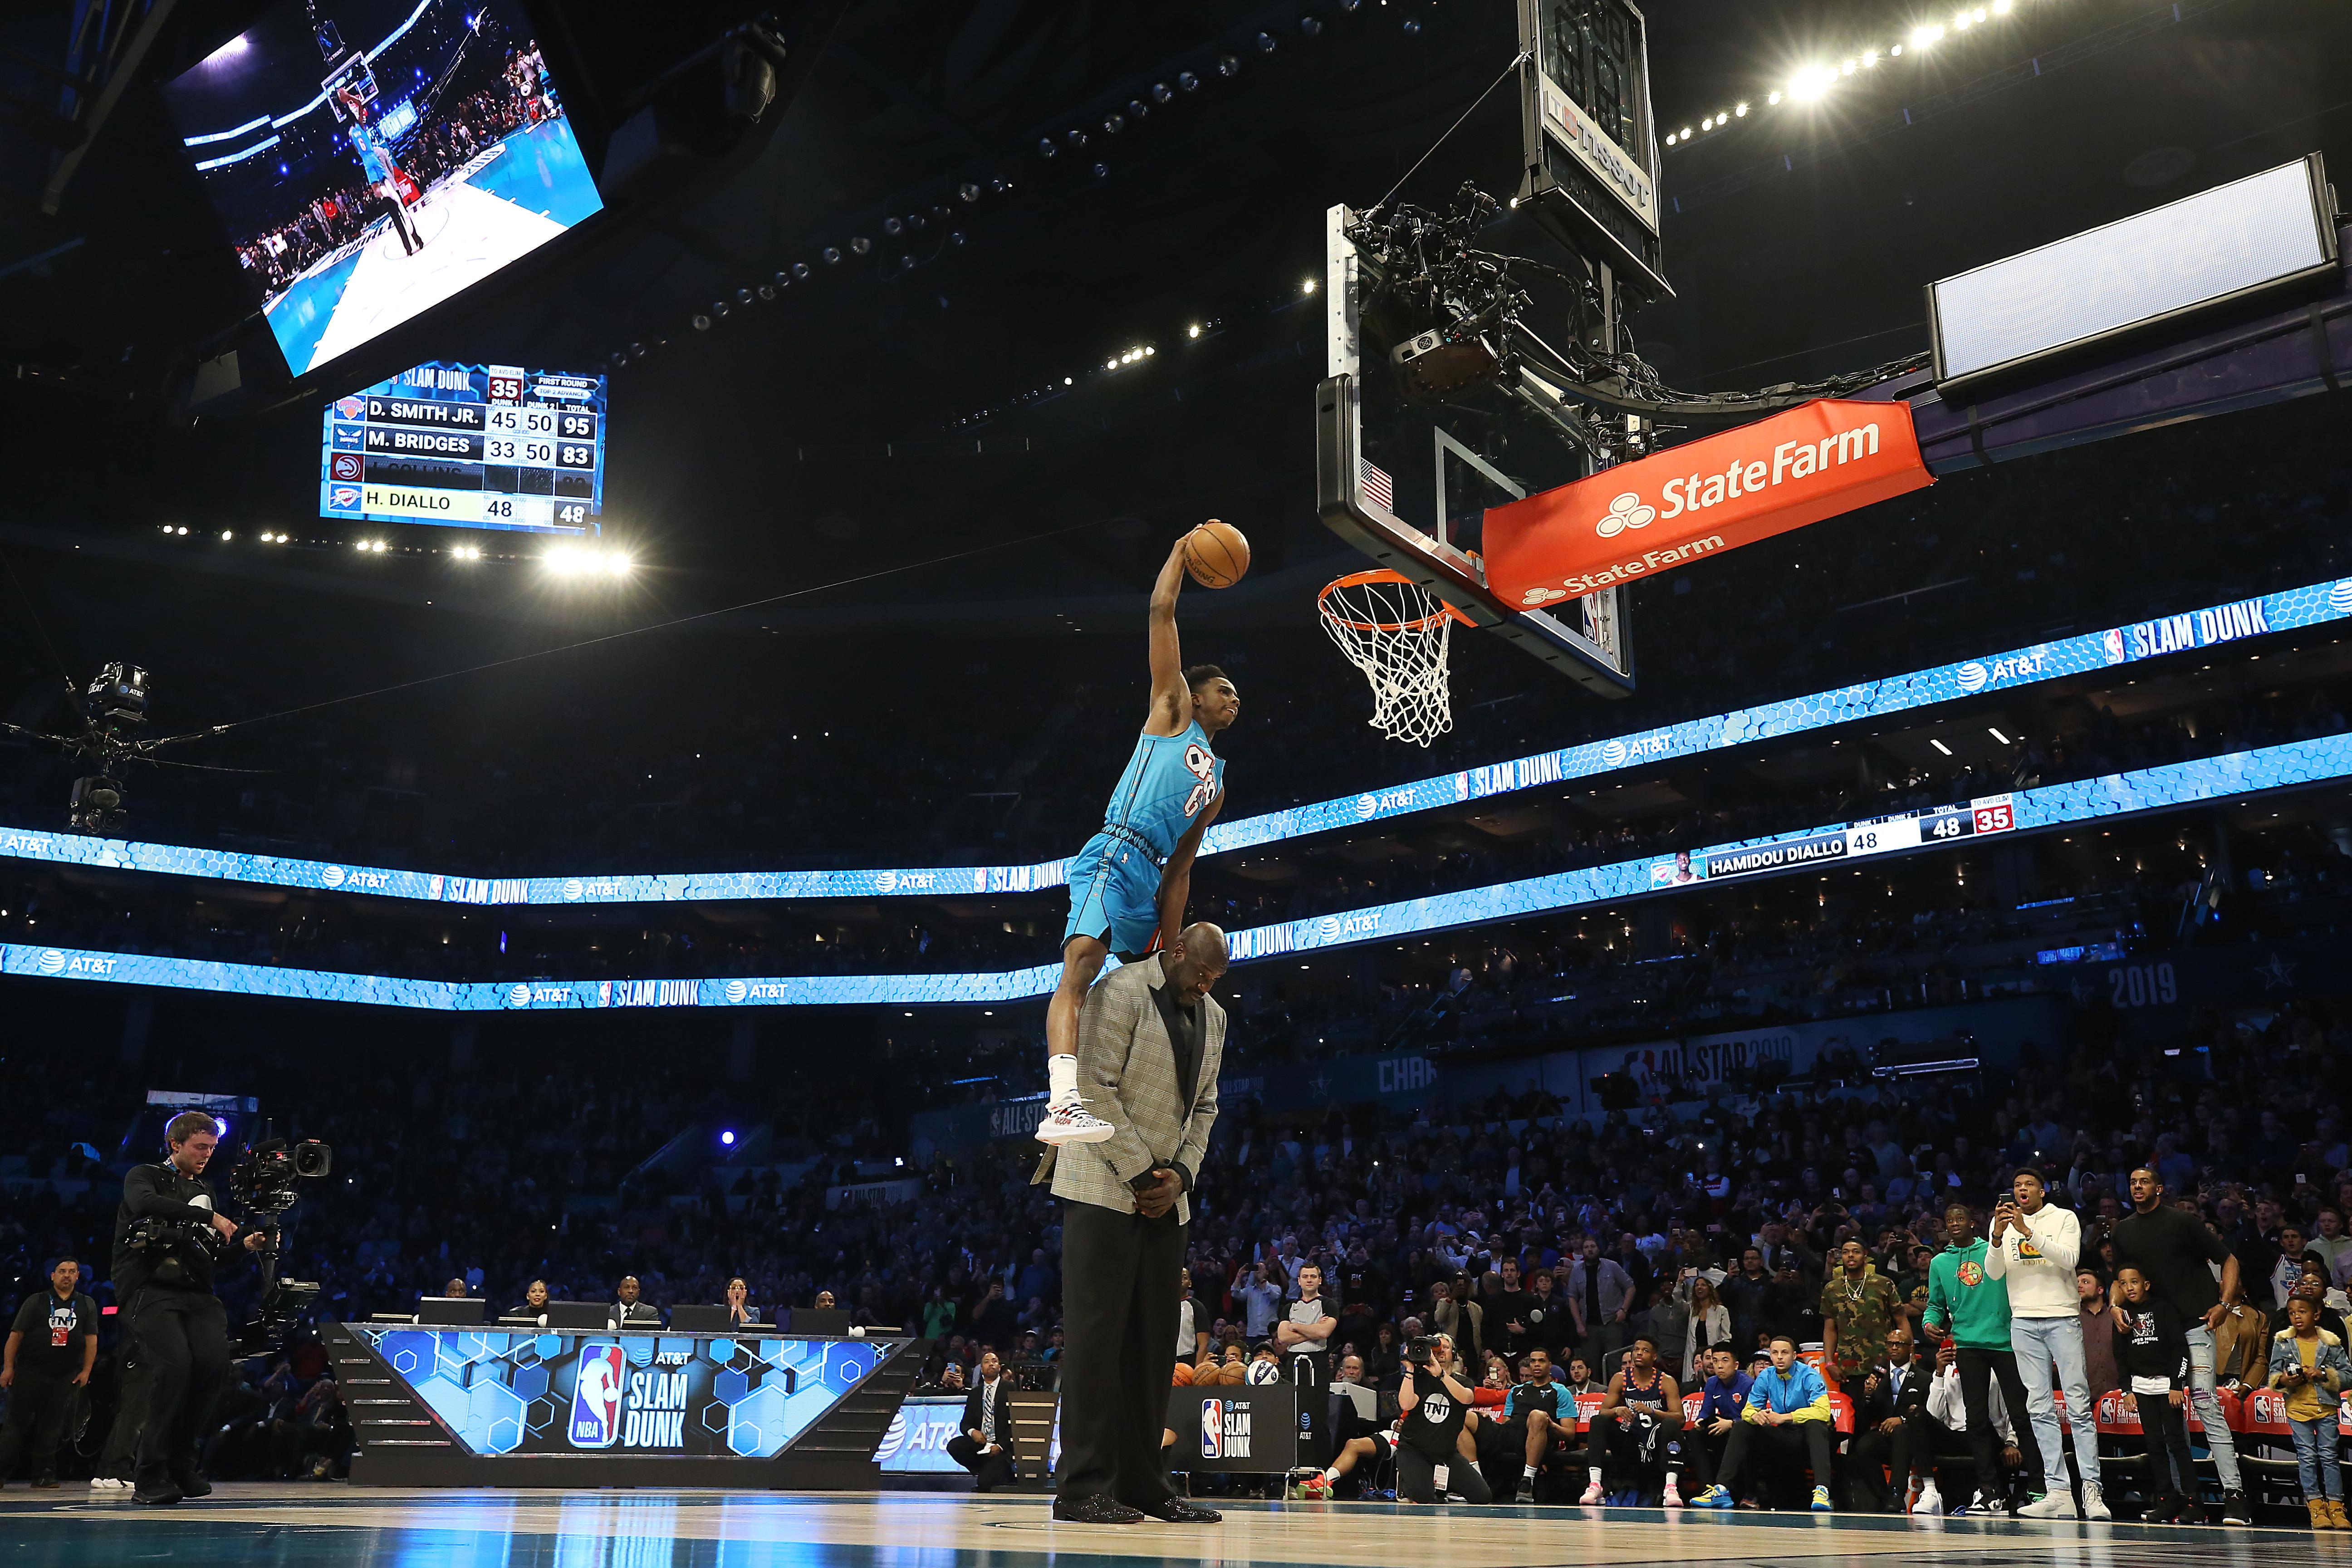 Diallo se robó el show en la semifinal con un espectacular salto sobre el ya retirado Shaquille O'Neal y quedó colgado en el aro. (Foto Prensa Libre: AFP)